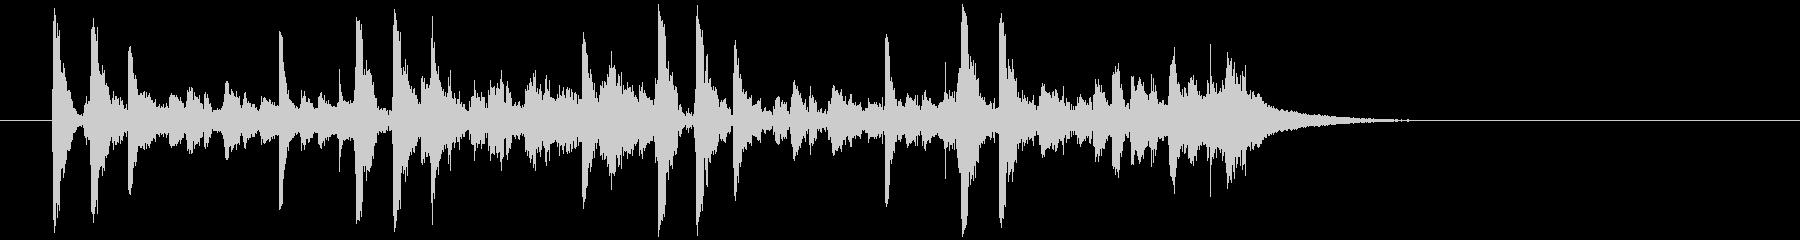 効果音を含んだコミカルなジングルの未再生の波形